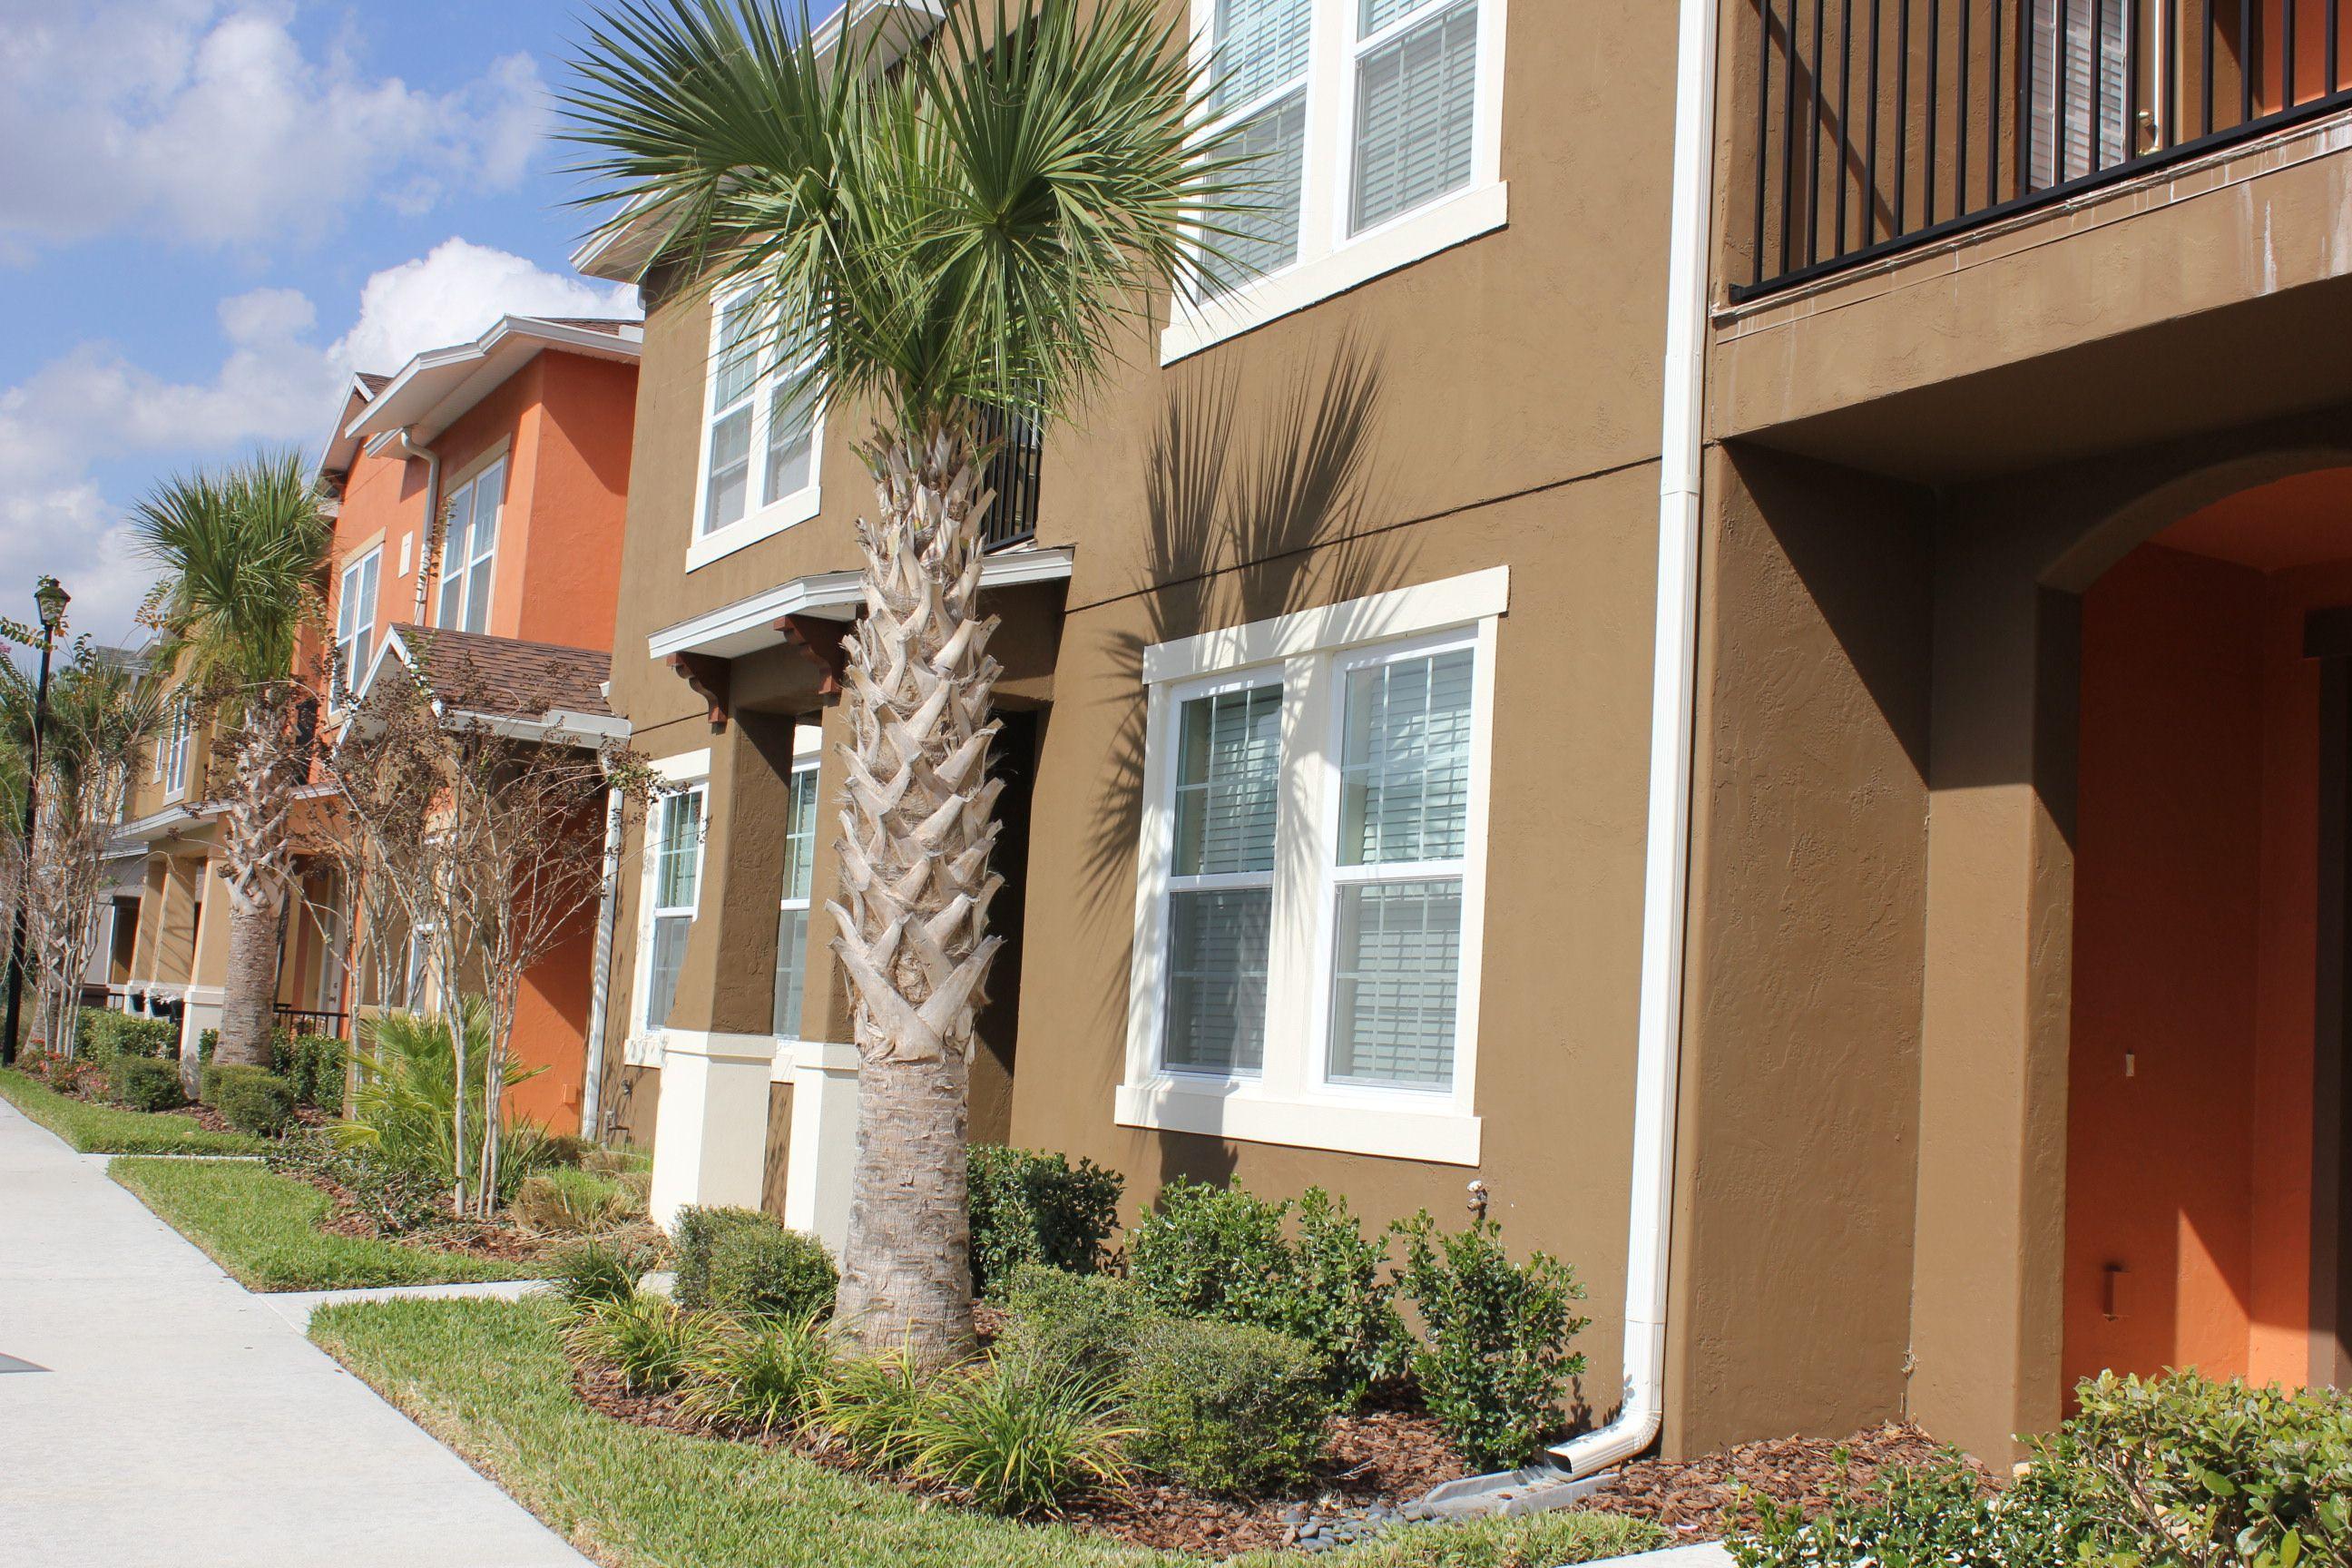 Savannah Park - Gated community Private backyard Sanford, FL | Real ...